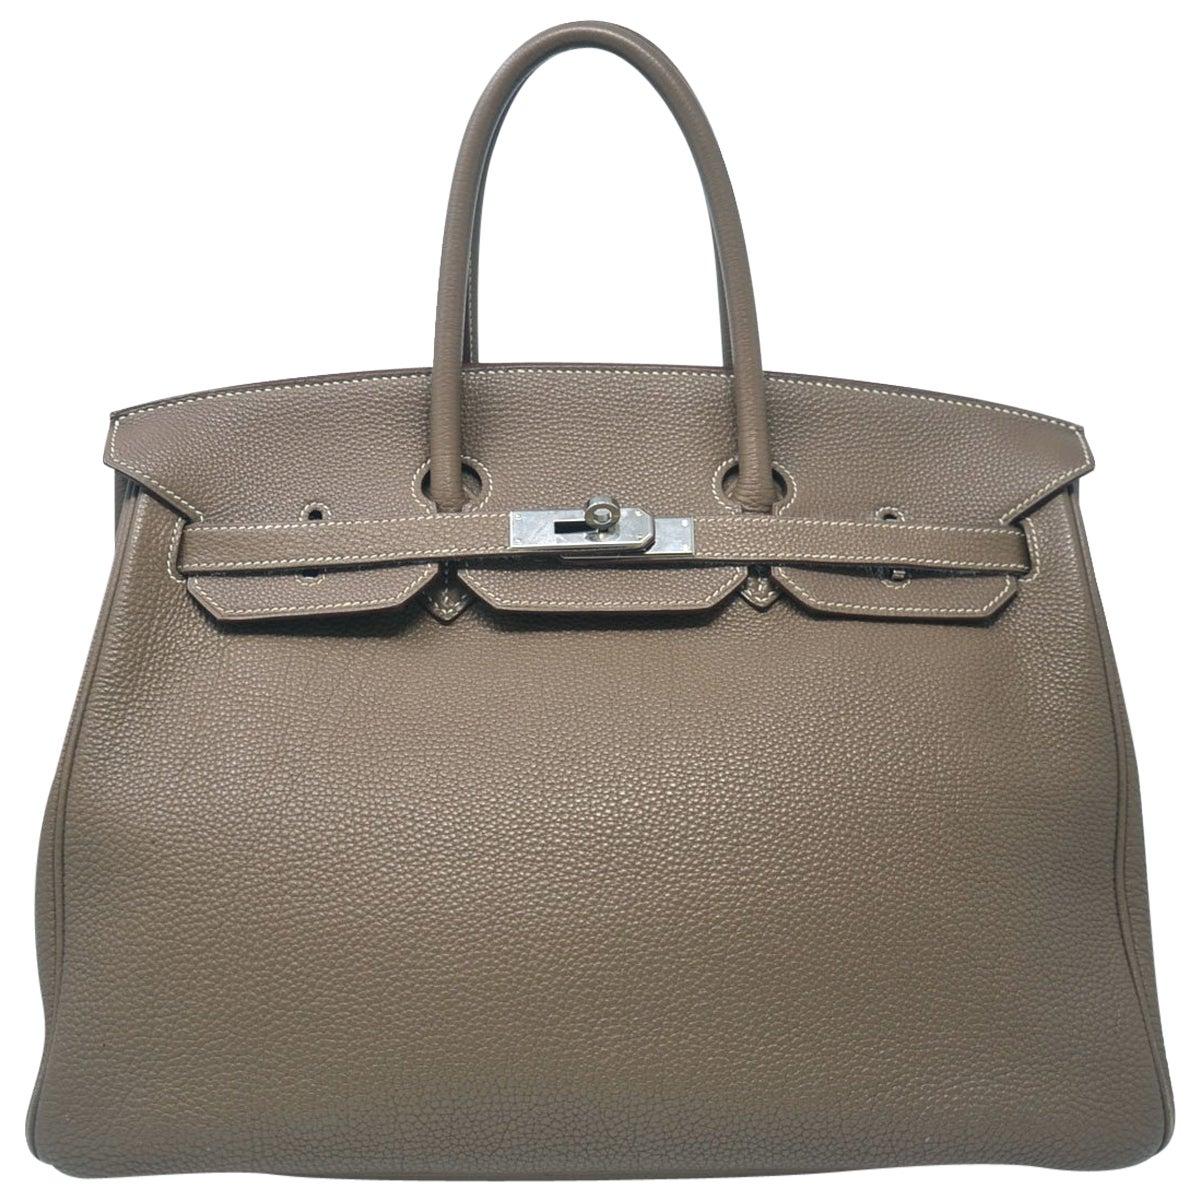 Hermes Birkin Togo 35 Taupe Handbag